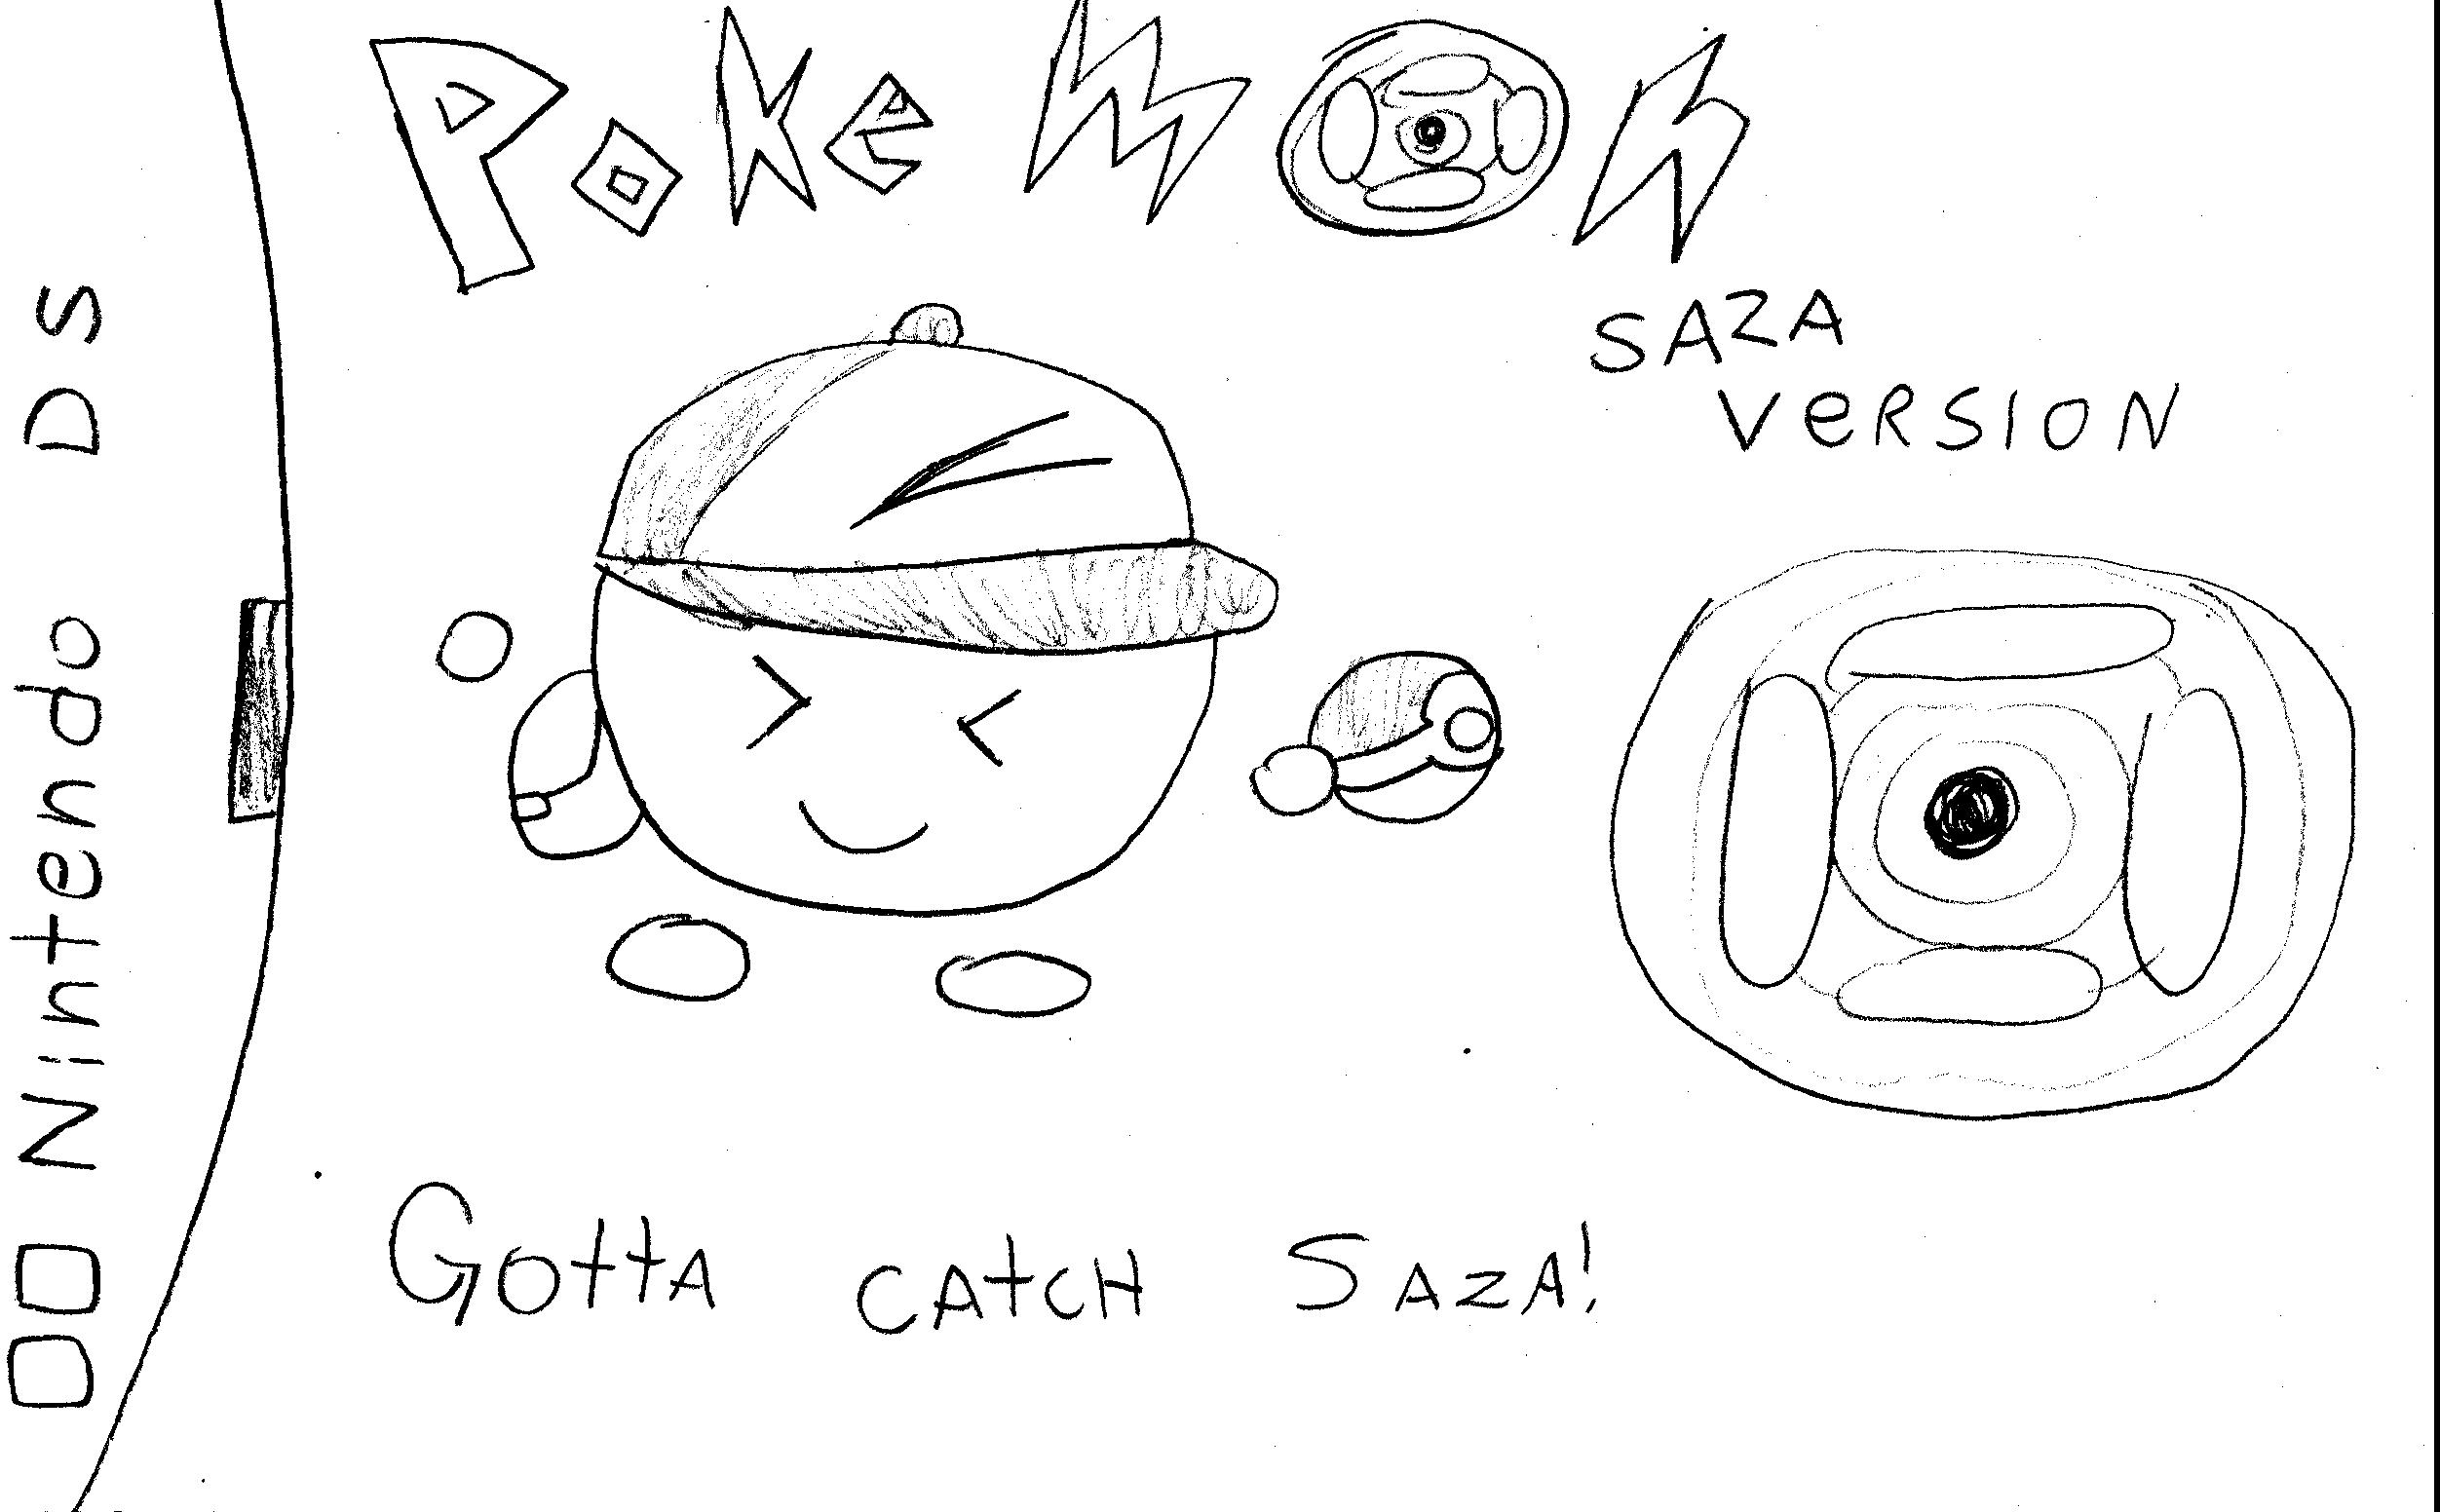 Pokemon Saza Version DS Game